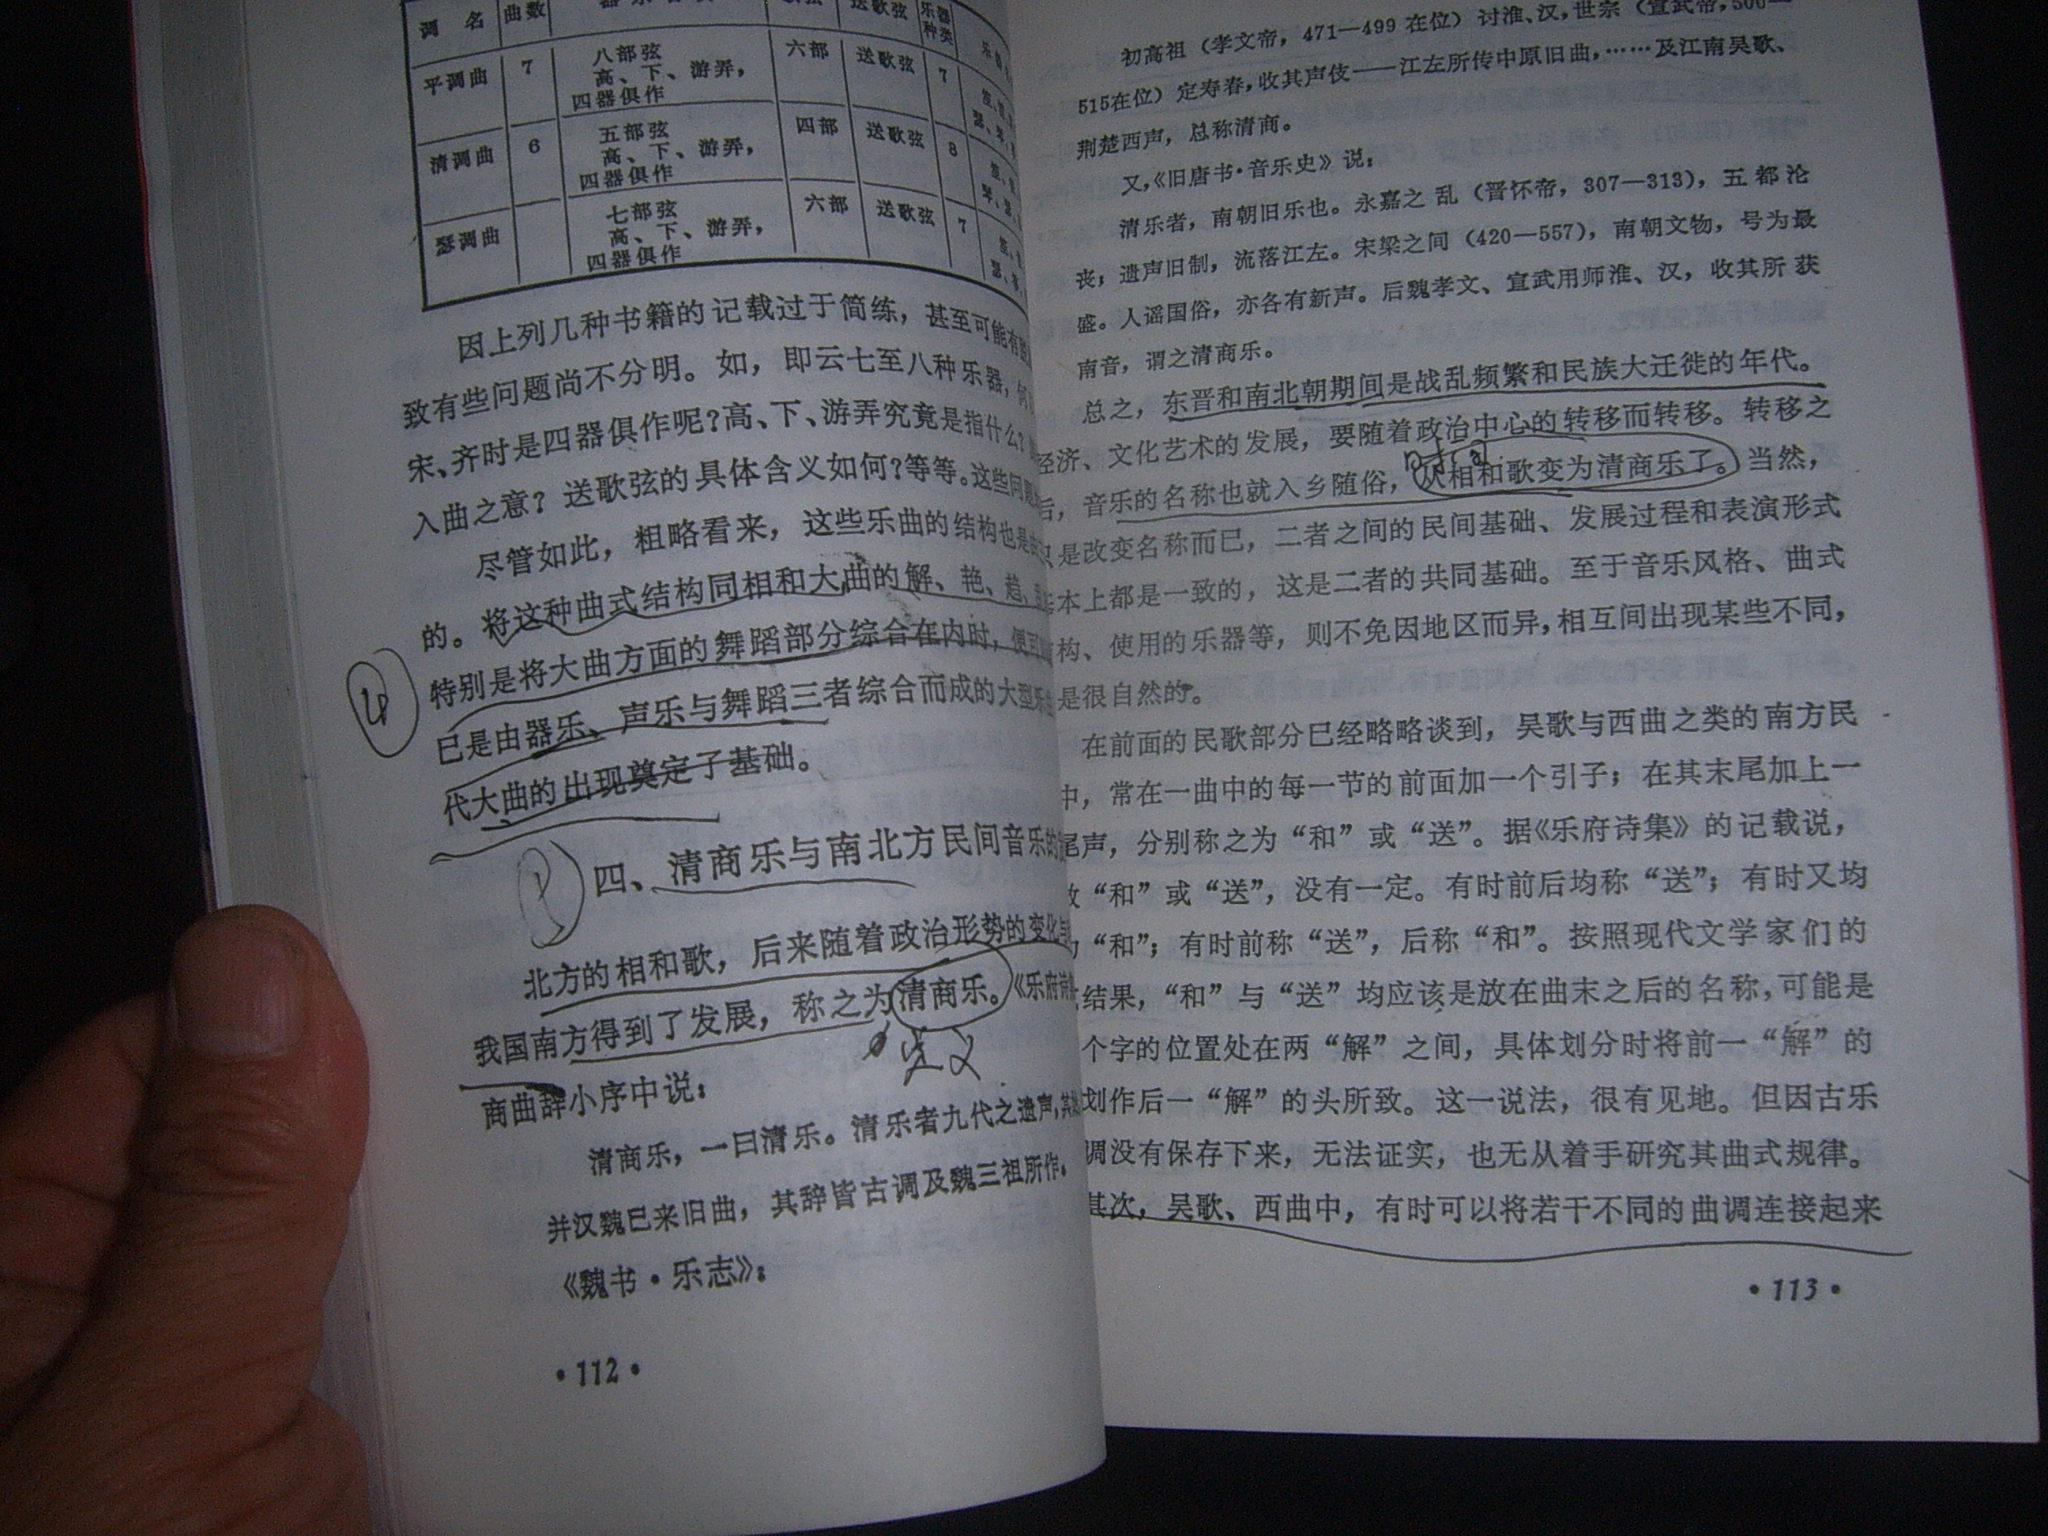 中国古代音乐史简述_中国古代音乐史试题-中国古代音乐史简述题:简述古代宫廷音乐